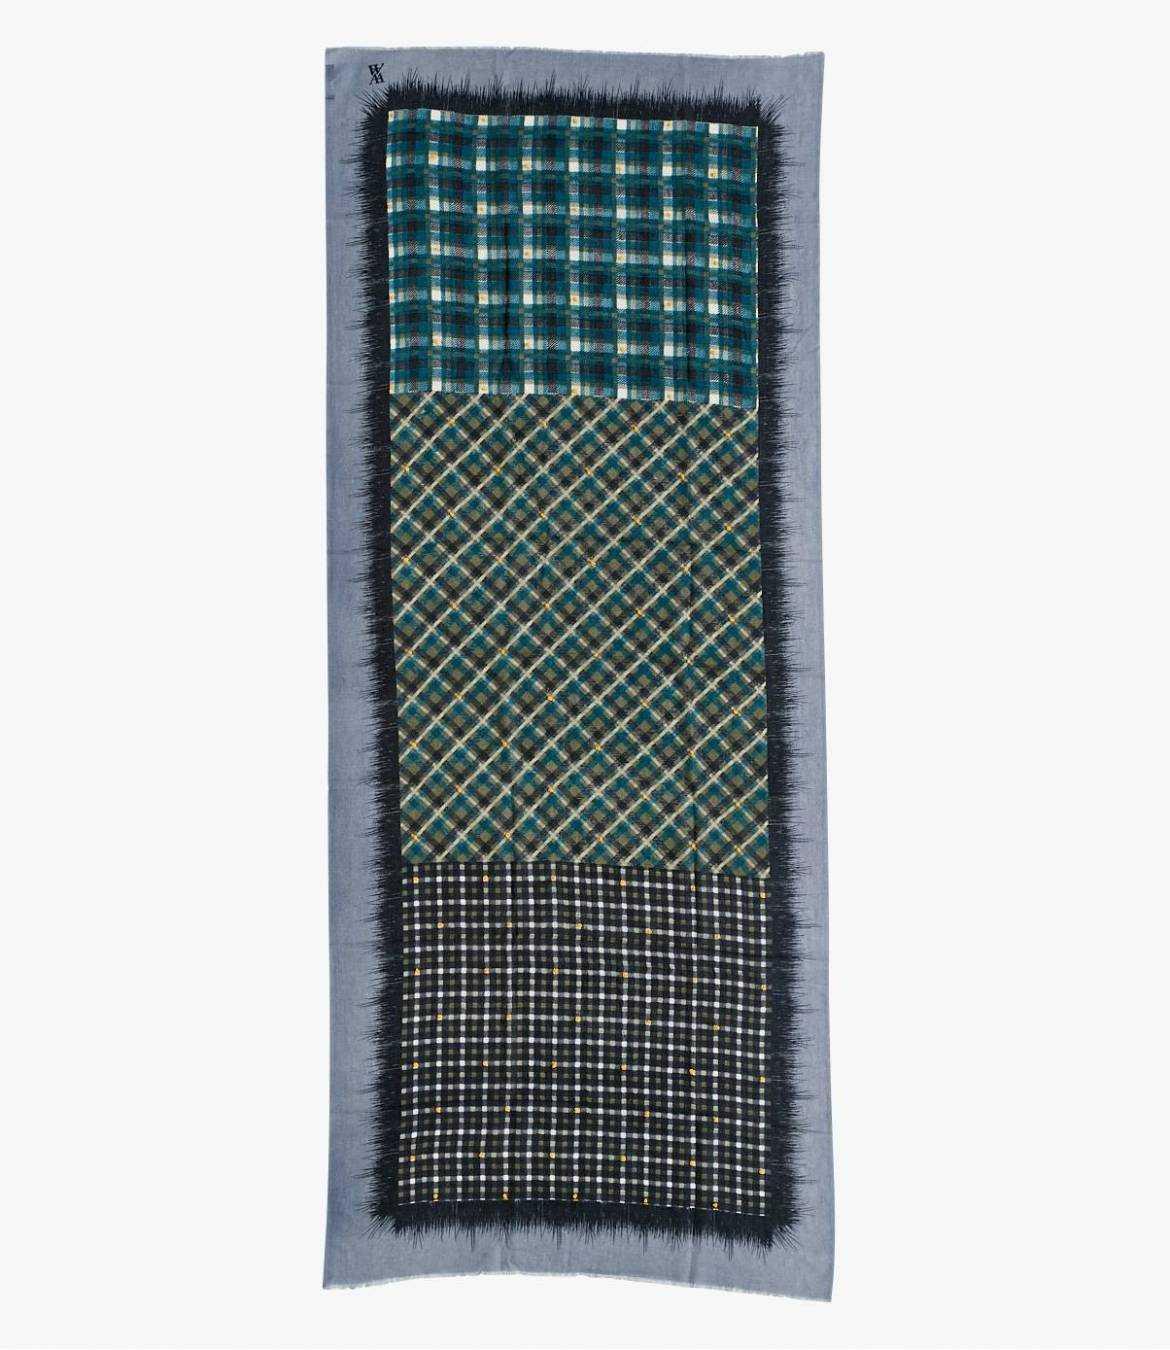 NORDIC Echarpe en Laine pour Homme 83x200 cm Storiatipic - 2